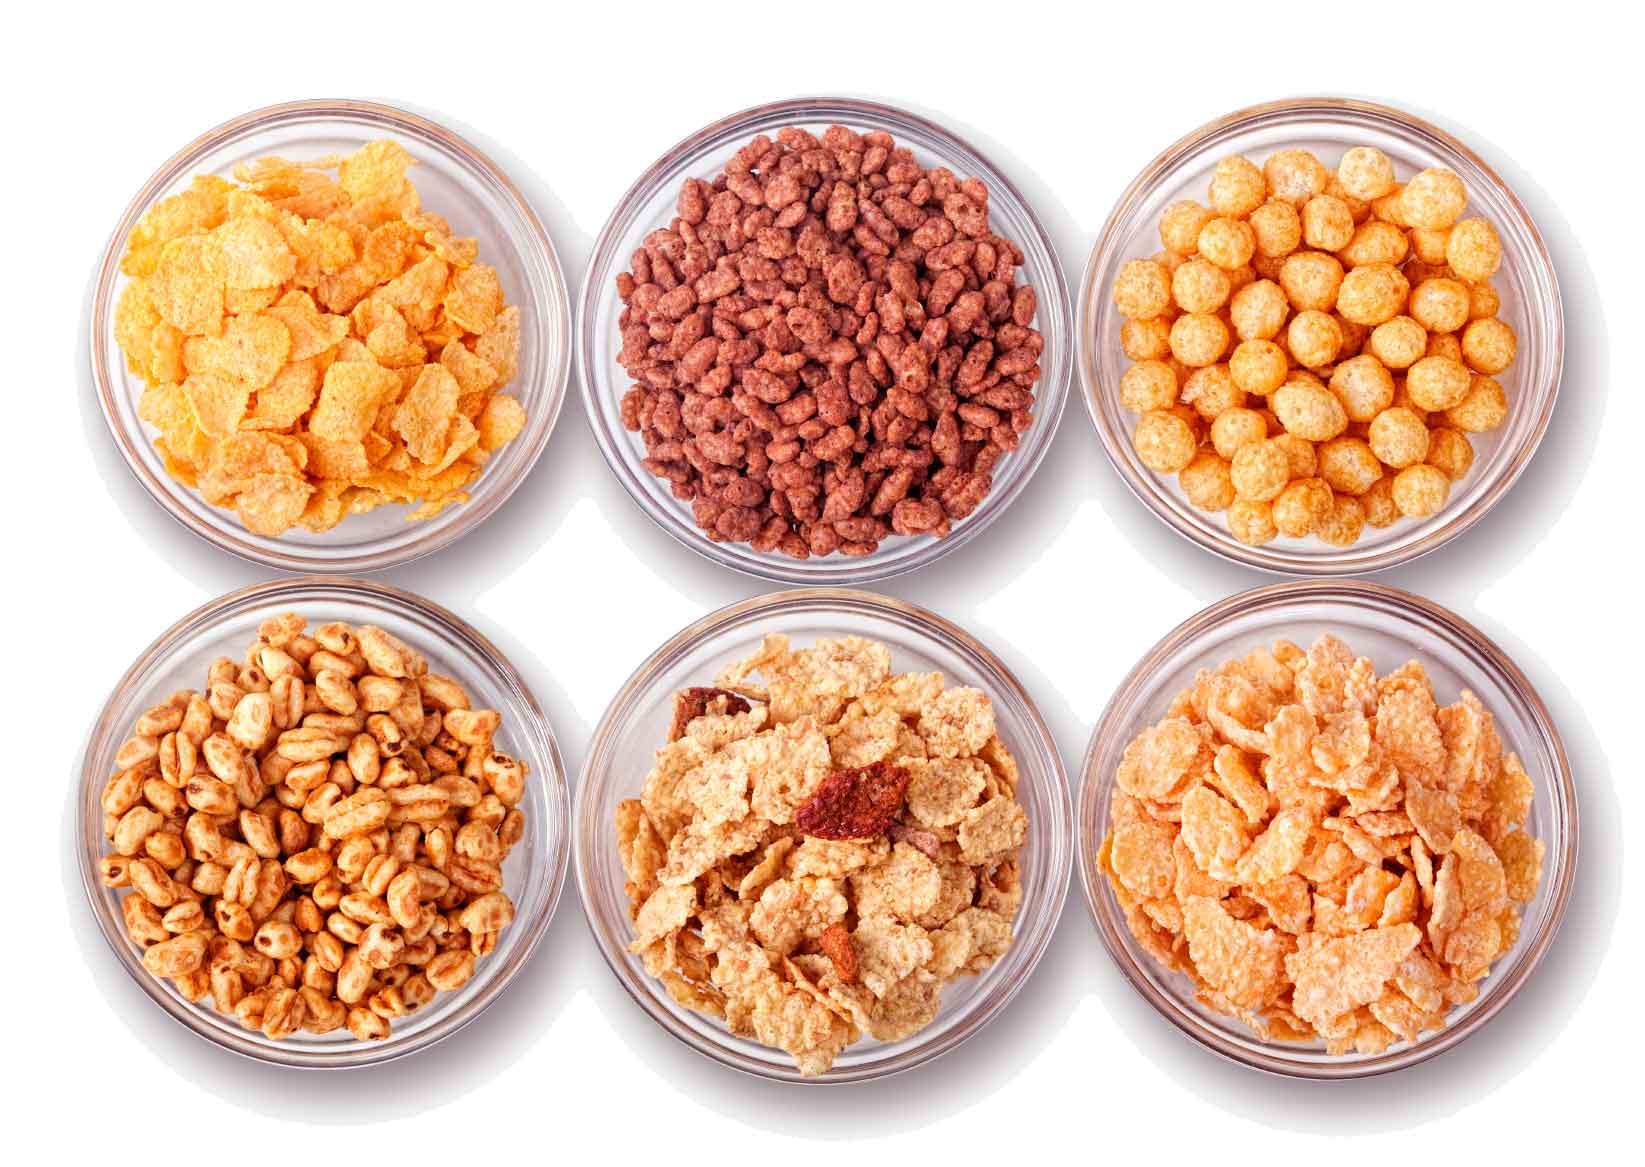 distintos tipos de cereales para el desayuno